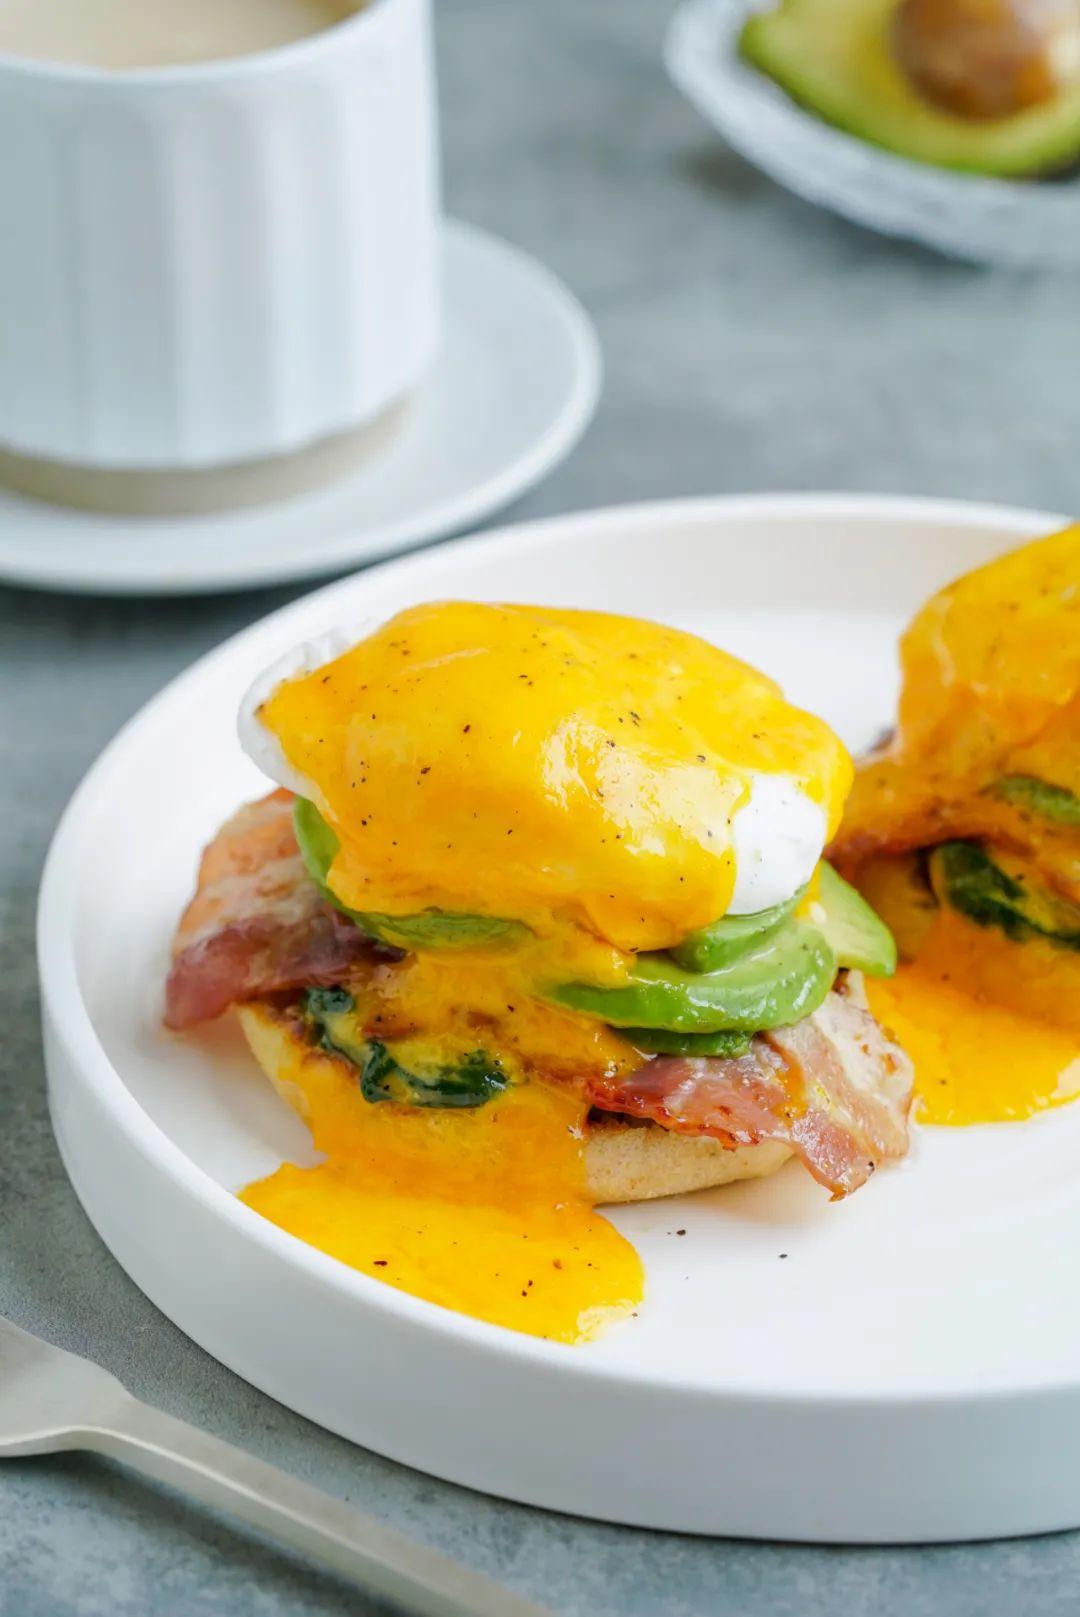 你怎么舍得睡懒觉呢?早餐多好吃啊!